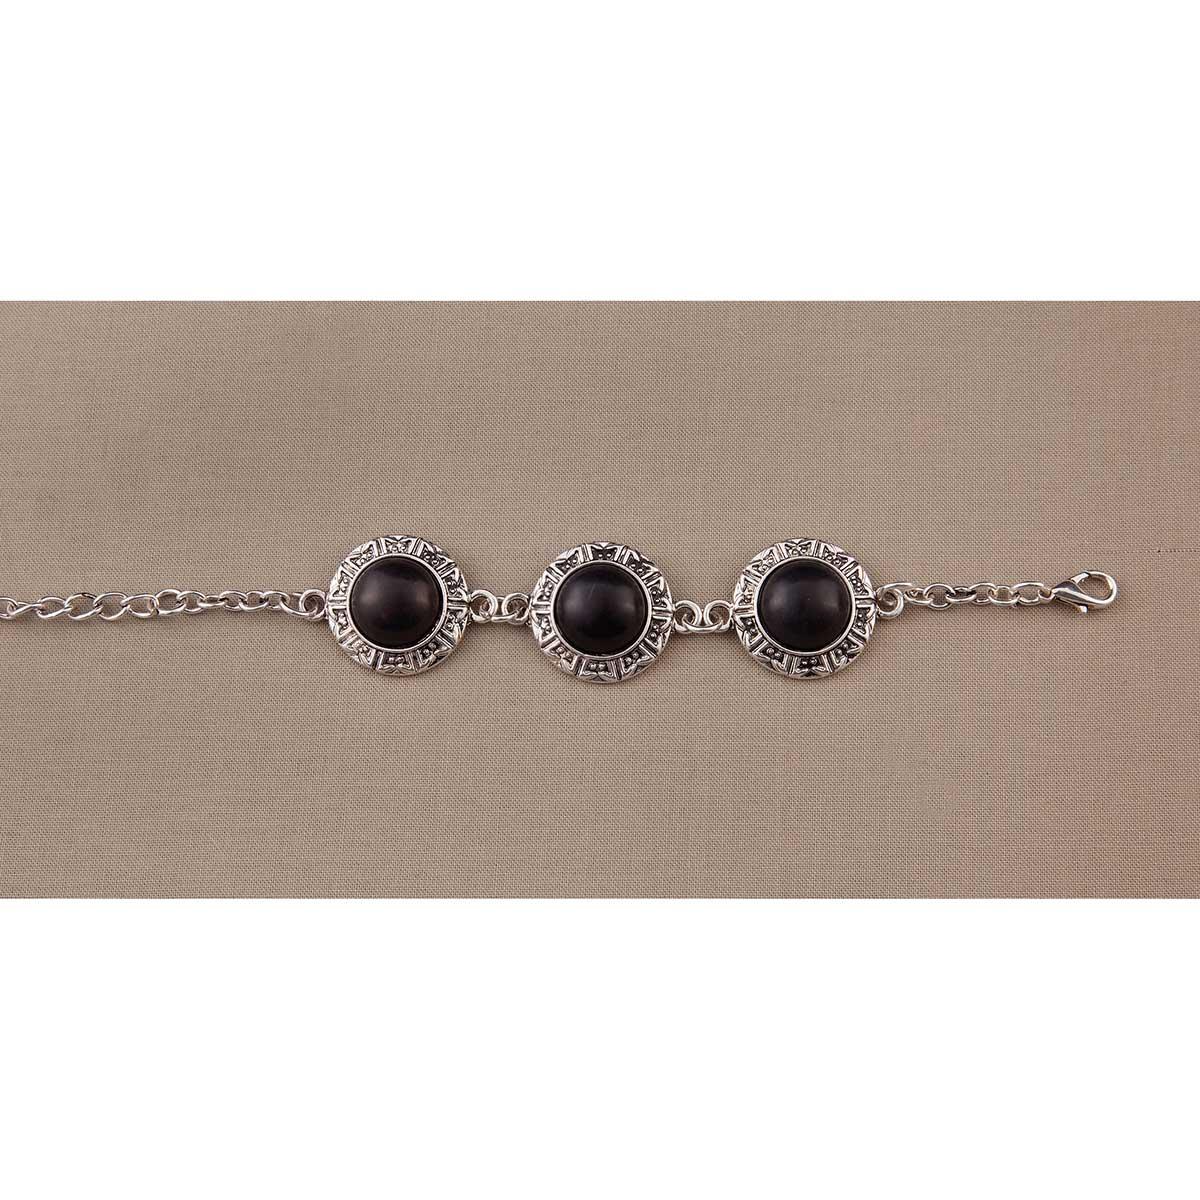 Black 3 Round Stone Bracelet